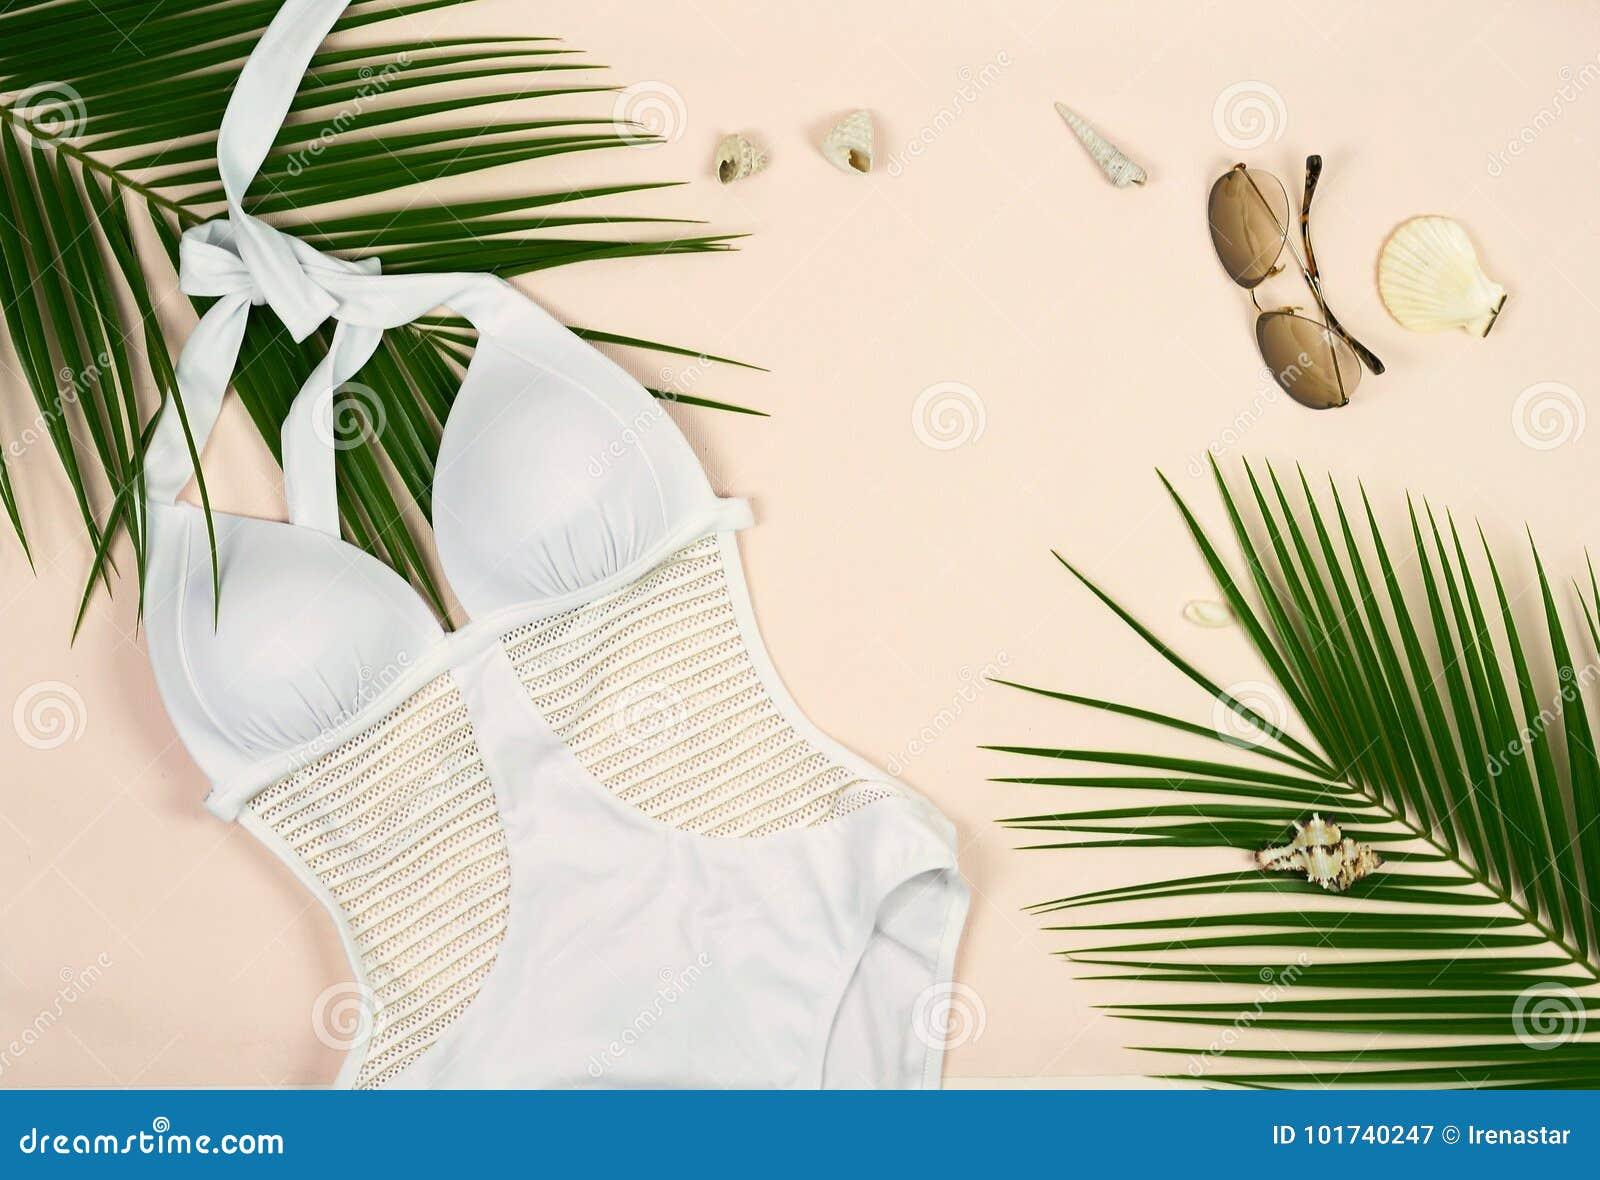 Costume Da Bagno Conchiglia : Costume da bagno occhiali da sole conchiglie e rami bianchi